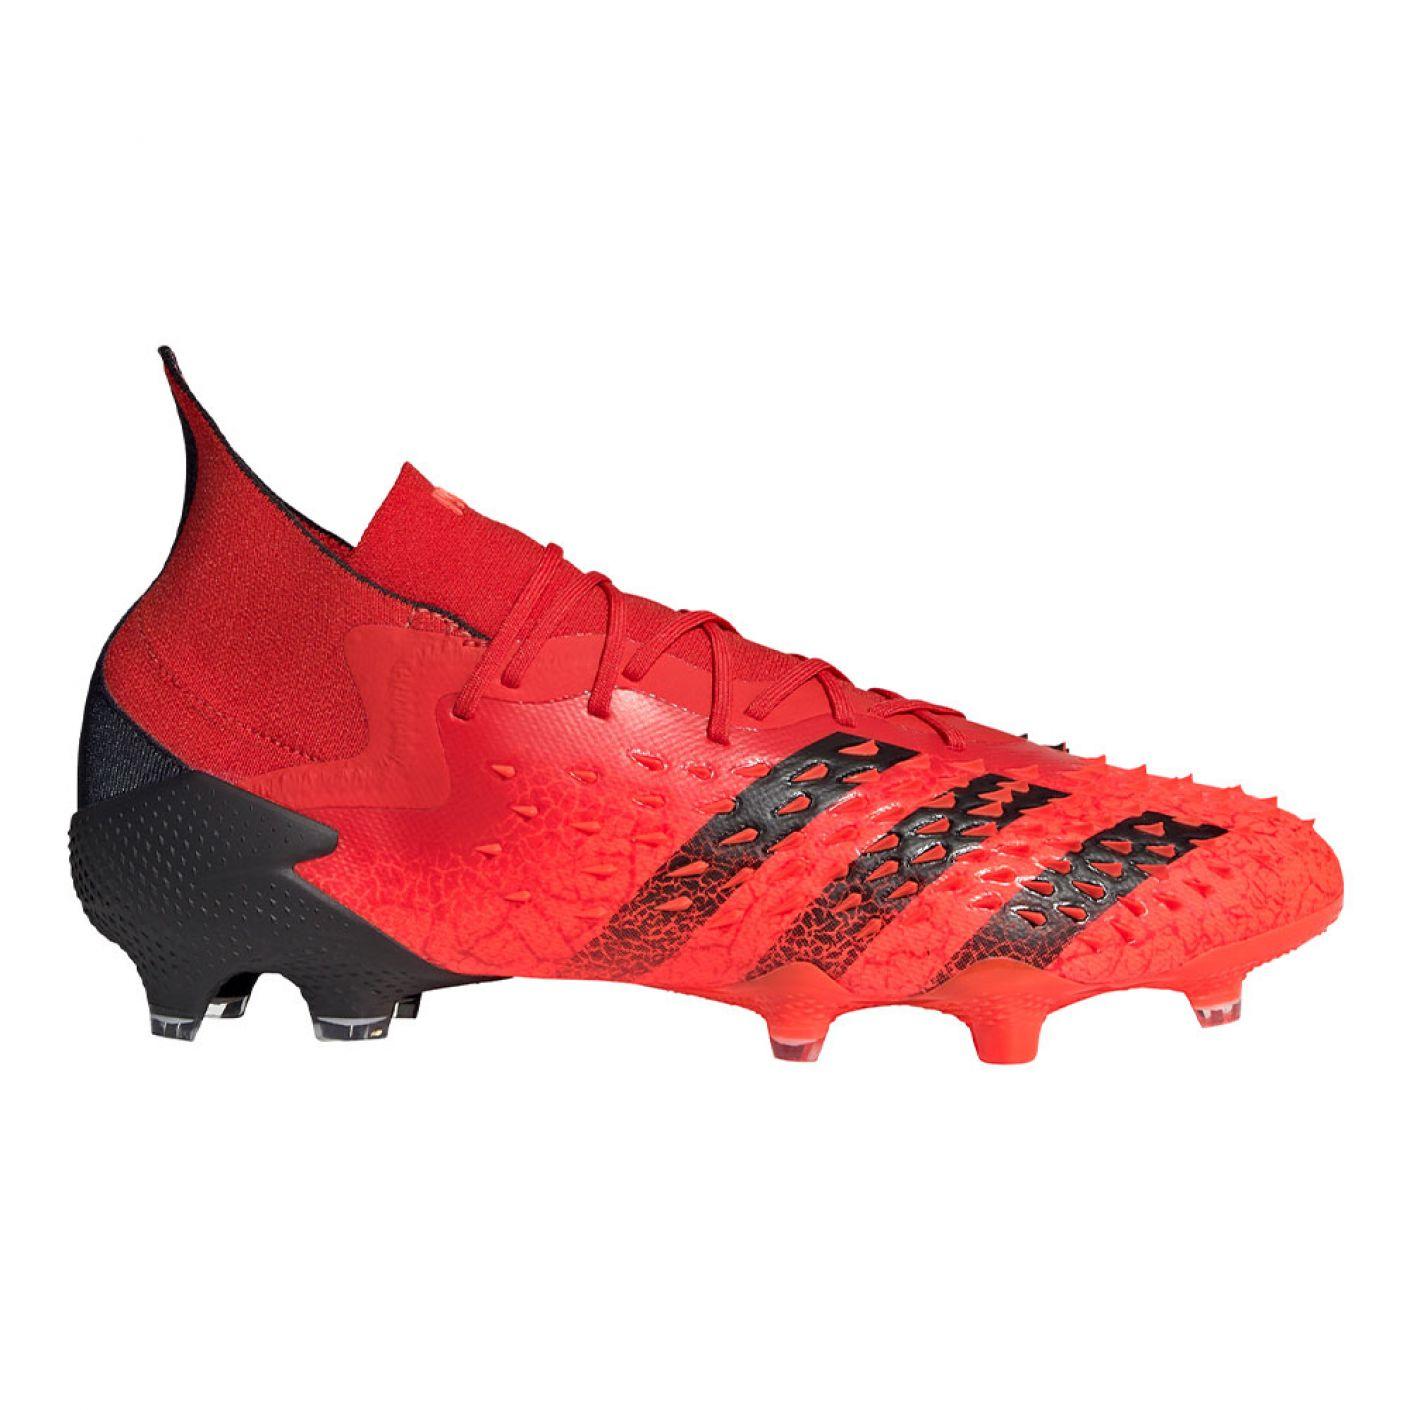 adidas Predator Freak.1 Gras Voetbalschoenen (FG) Rood Zwart Rood